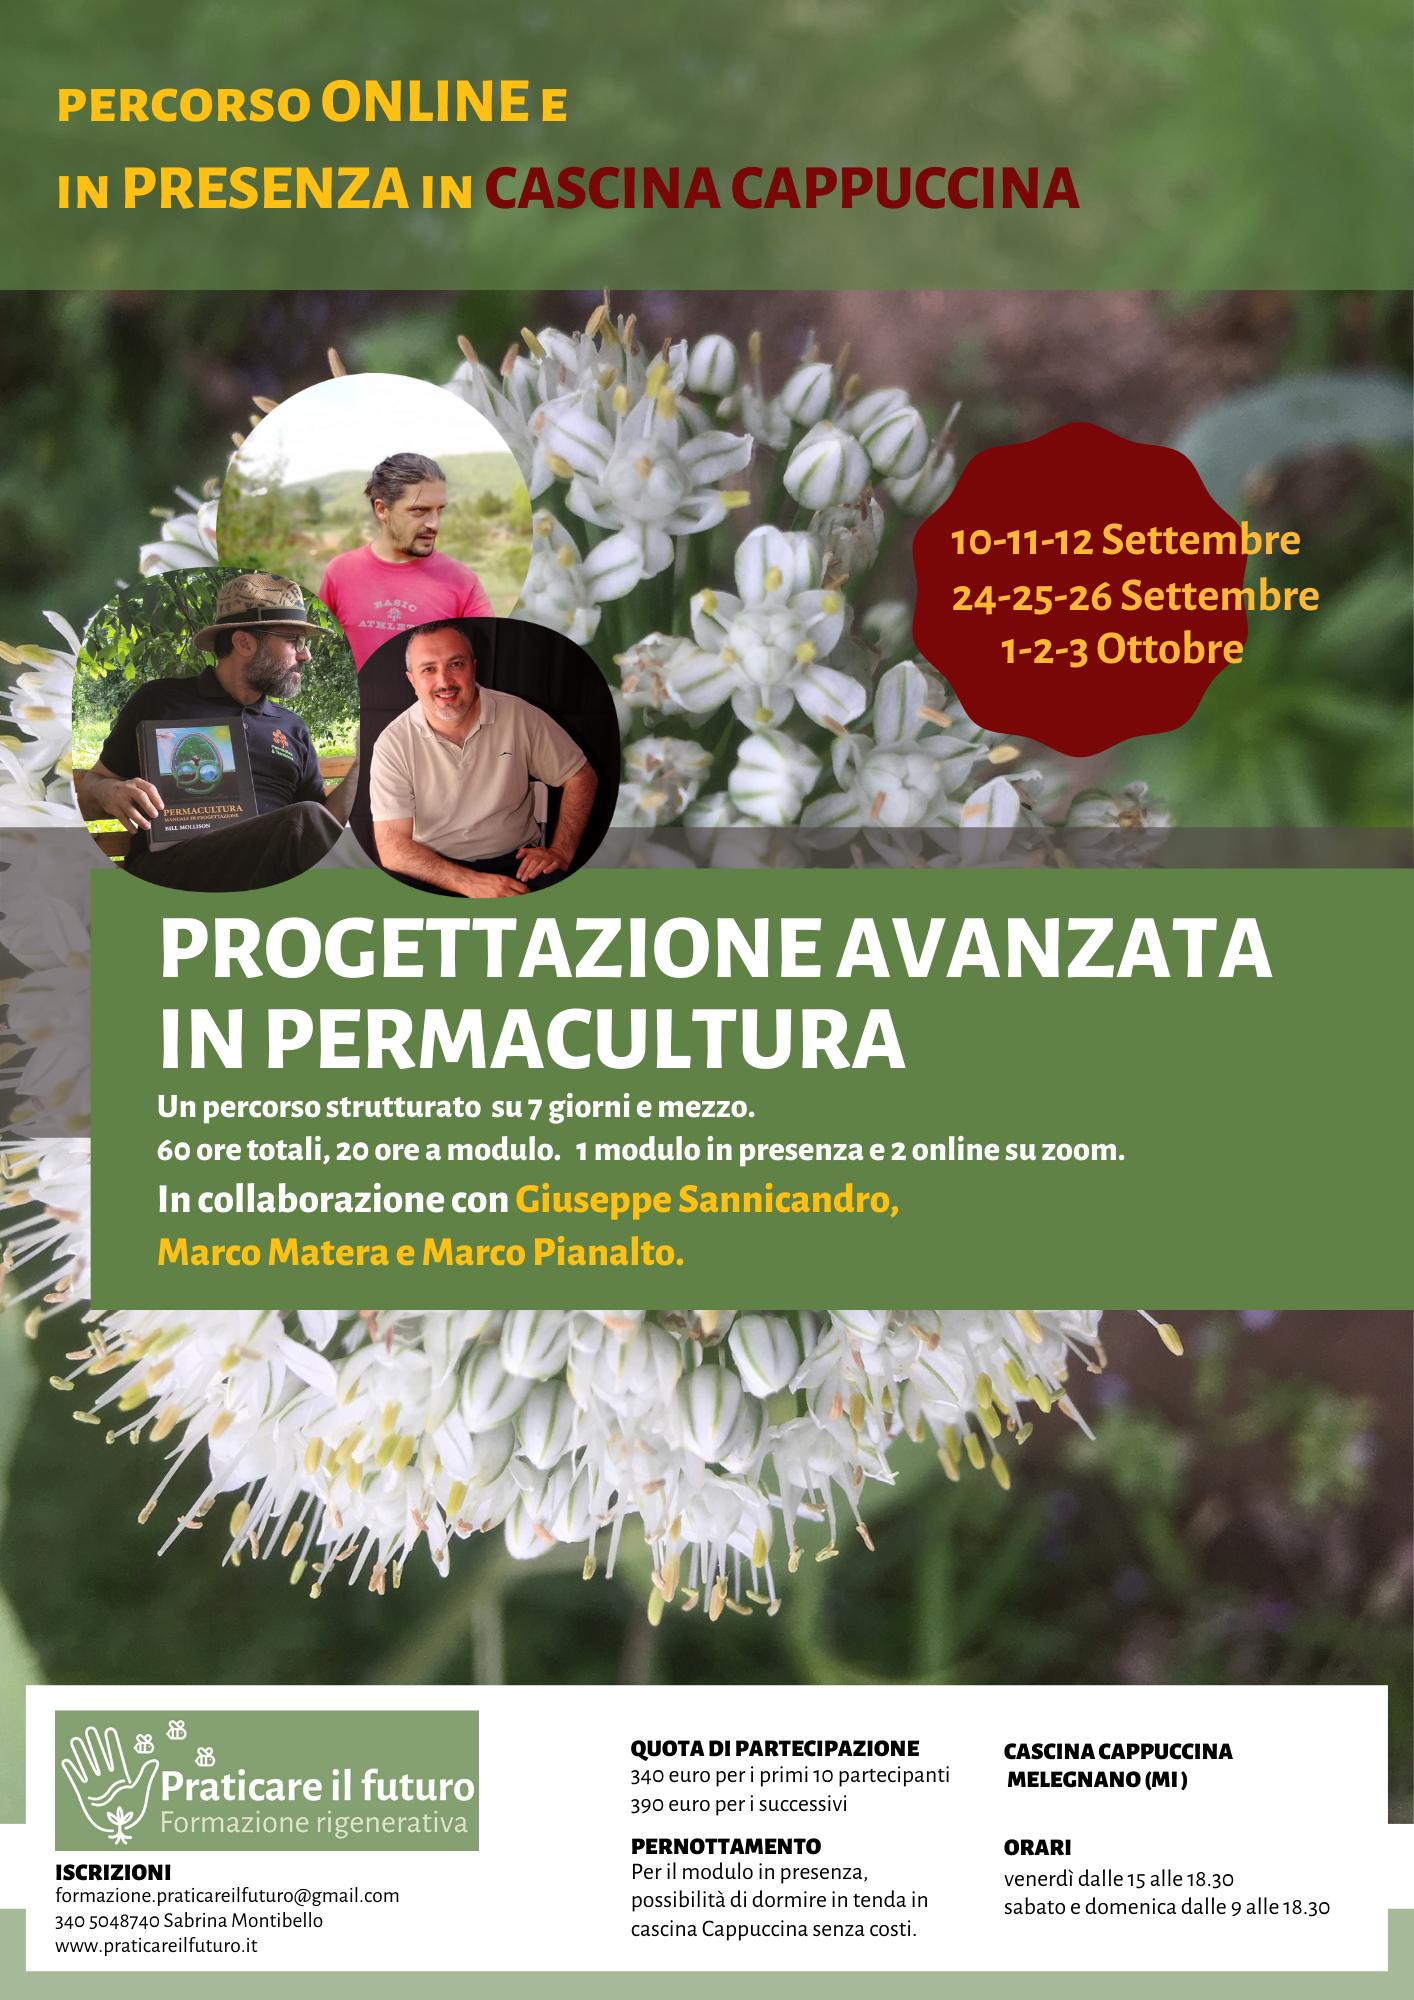 locandina__PROGETTAZIONE AVANZATA_PERMACULTURA_sannicandro_pianalto_matera